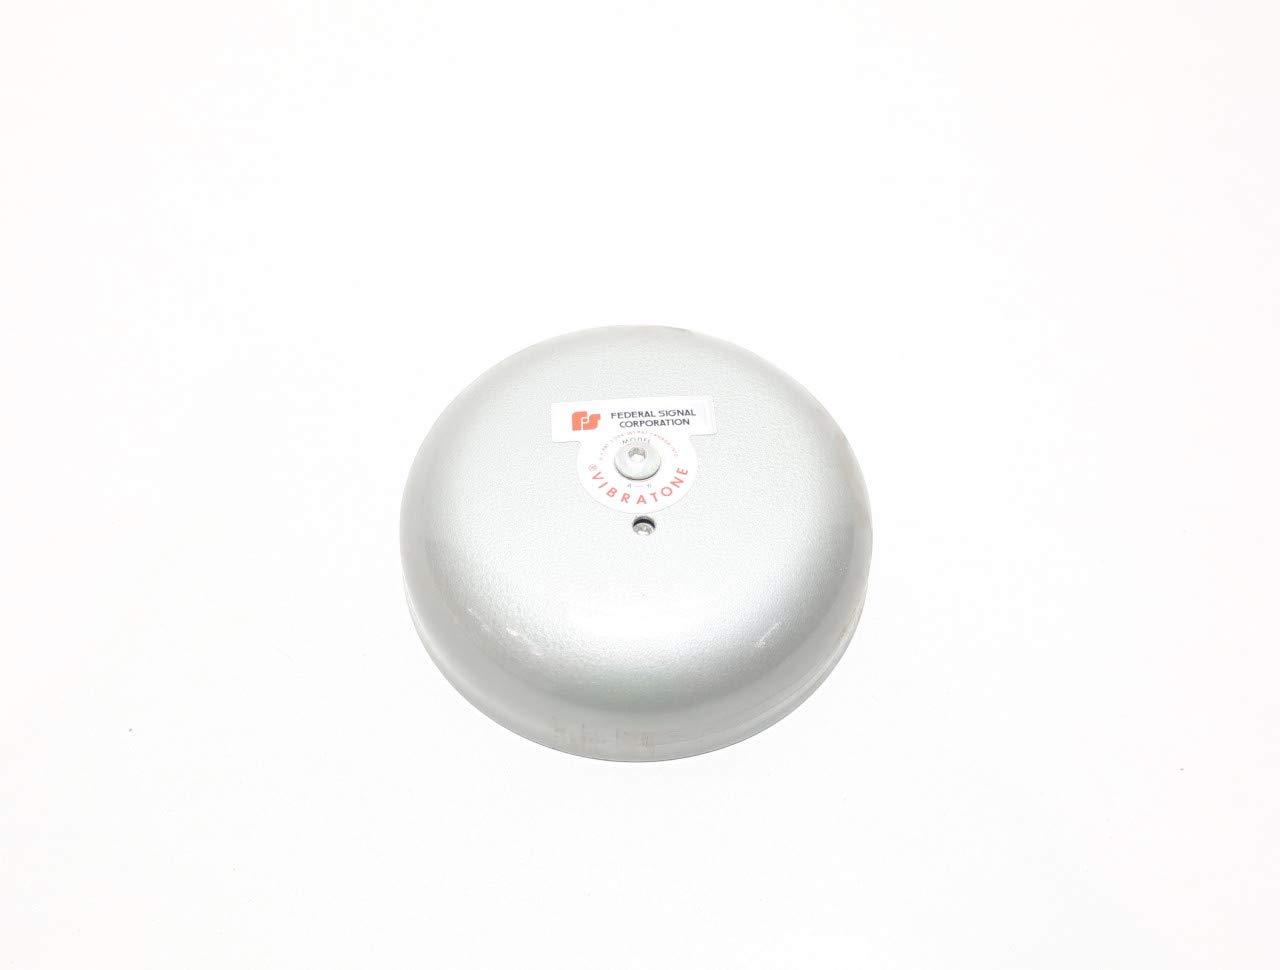 Amazon.com: FEDERAL SIGNAL - Timbre con alarma (tamaño A6 ...